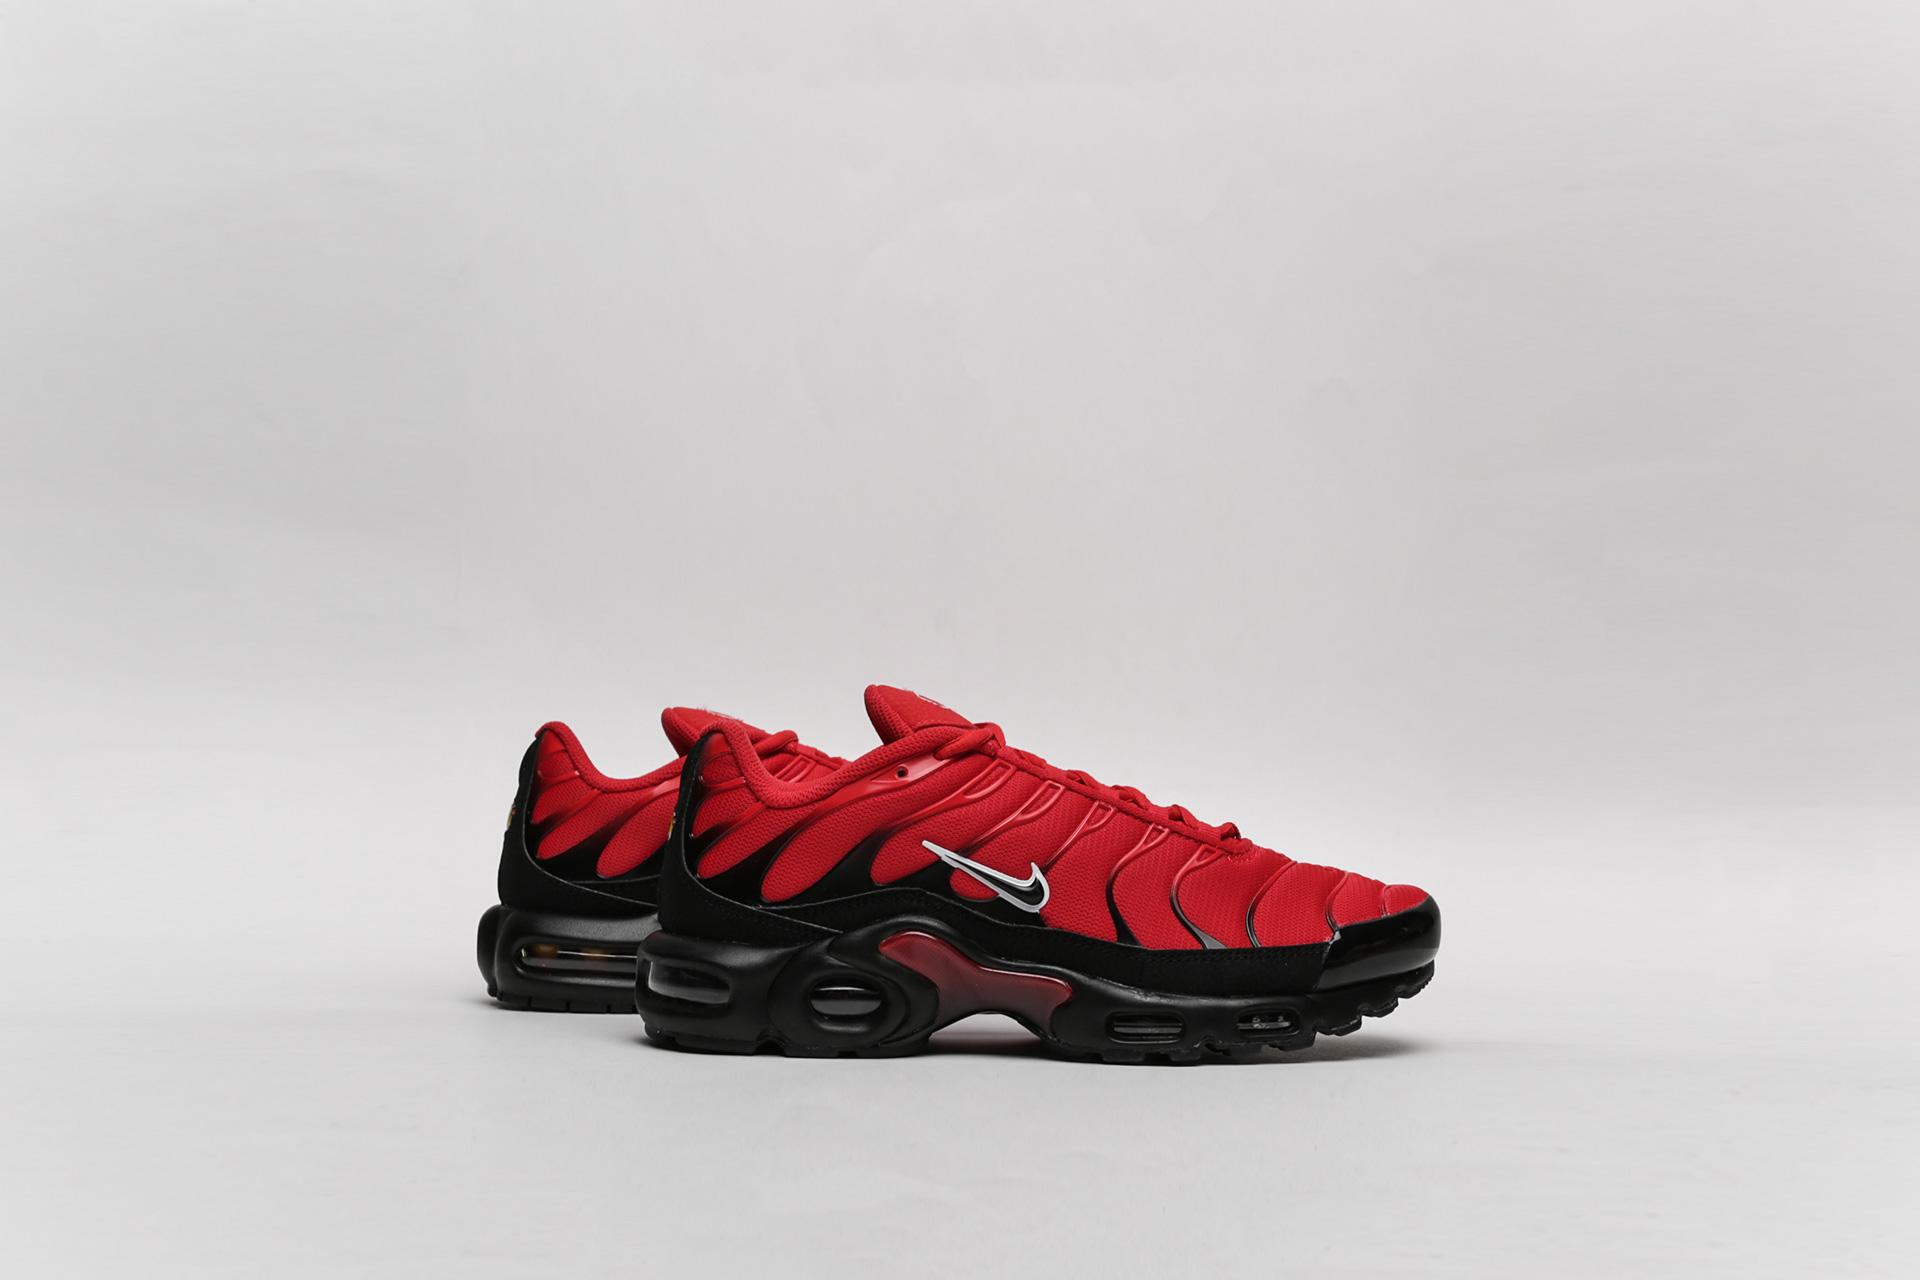 098fe68d Купить красные мужские кроссовки Air Max Plus от Nike (852630-603 ...